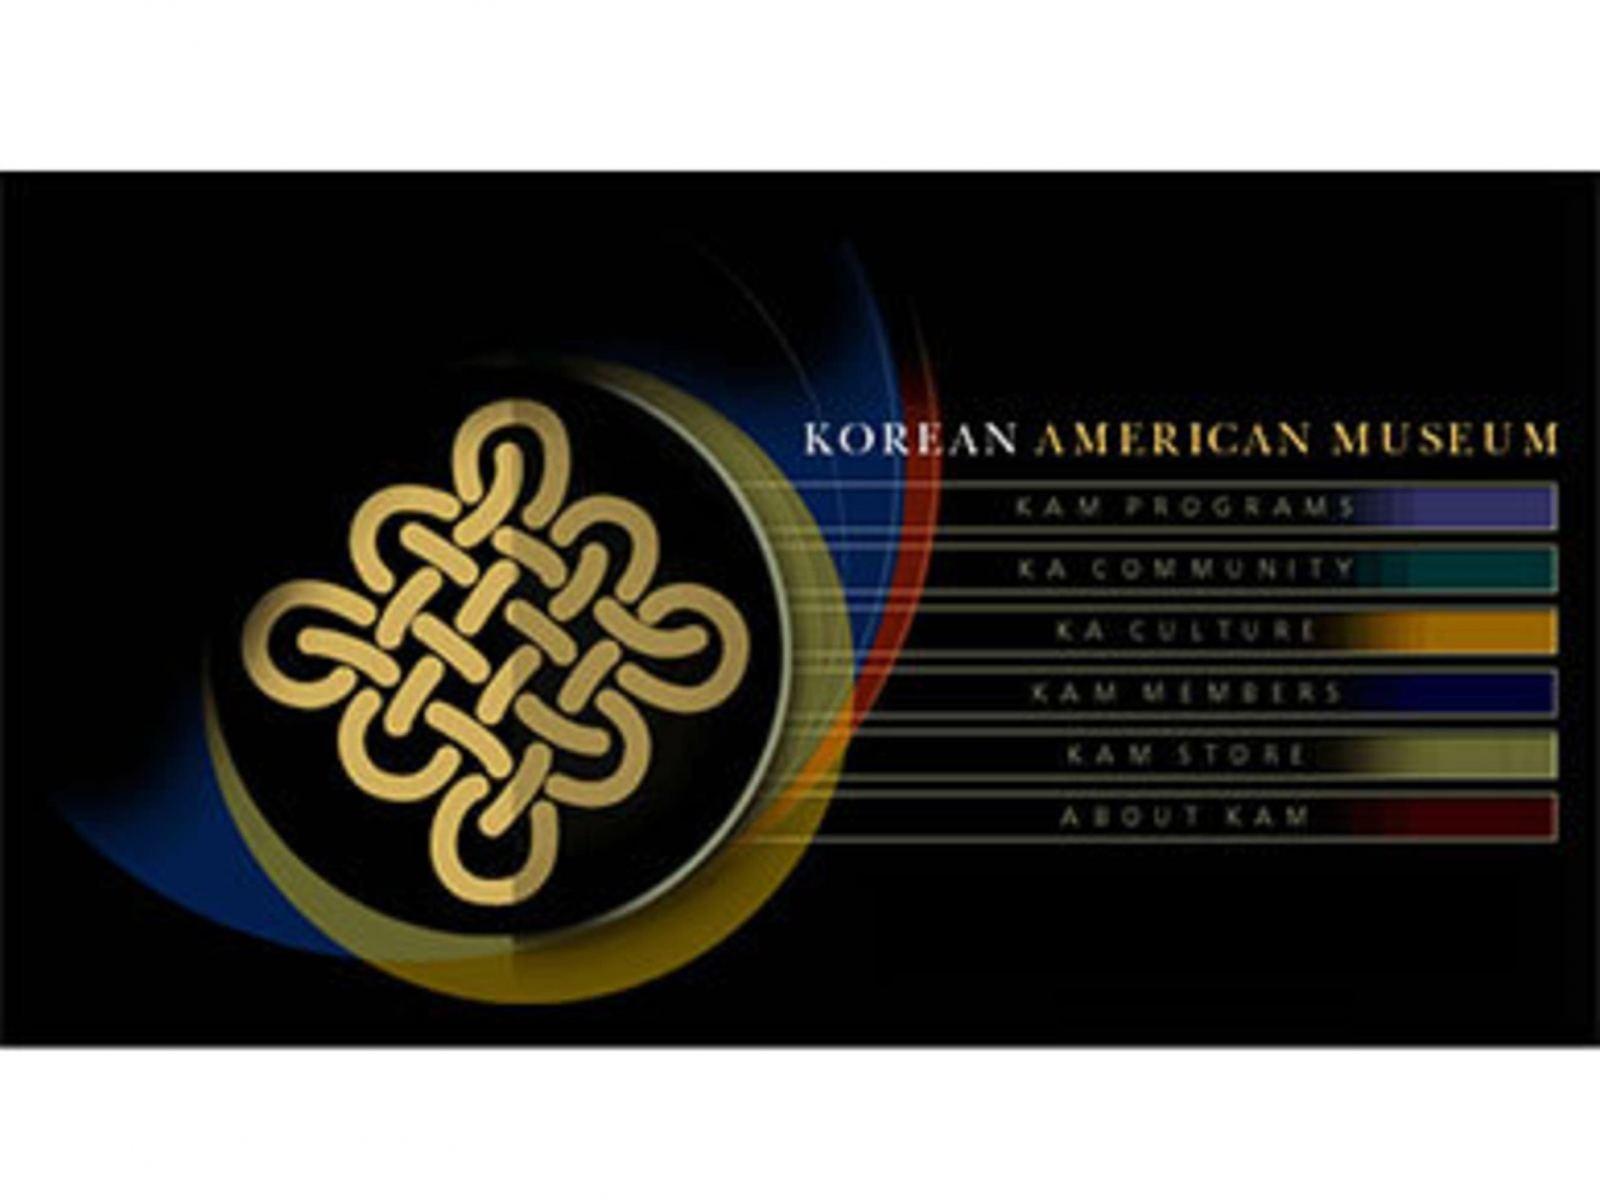 Korean American Museum